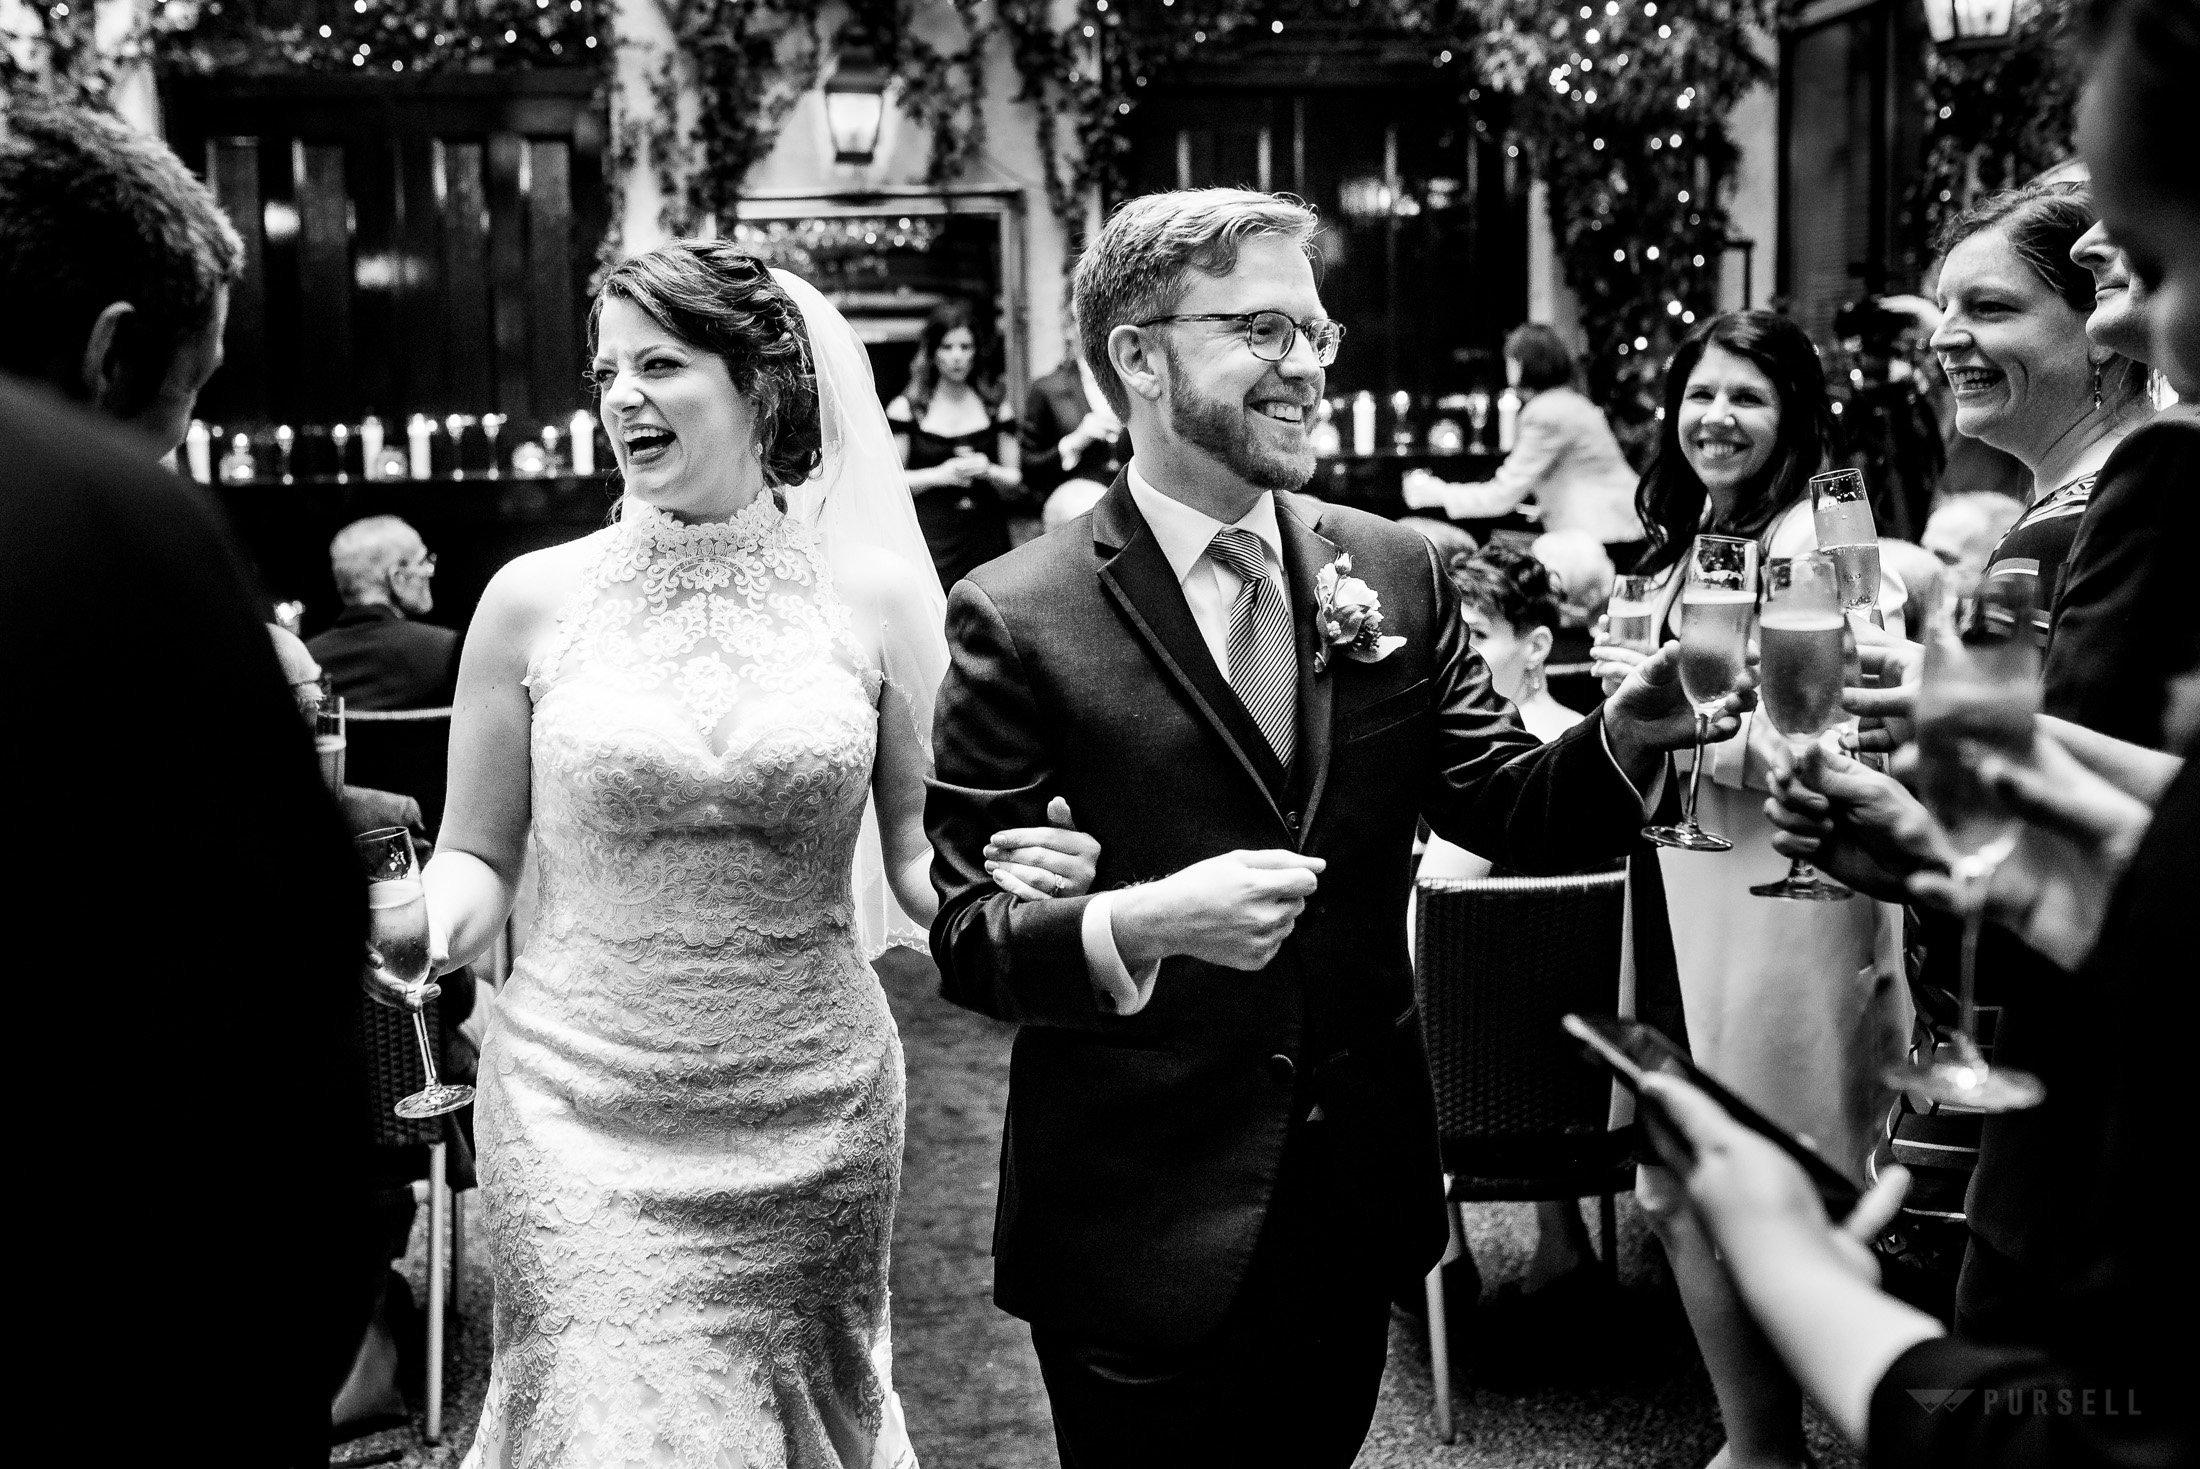 029 - small wedding venue vancouver